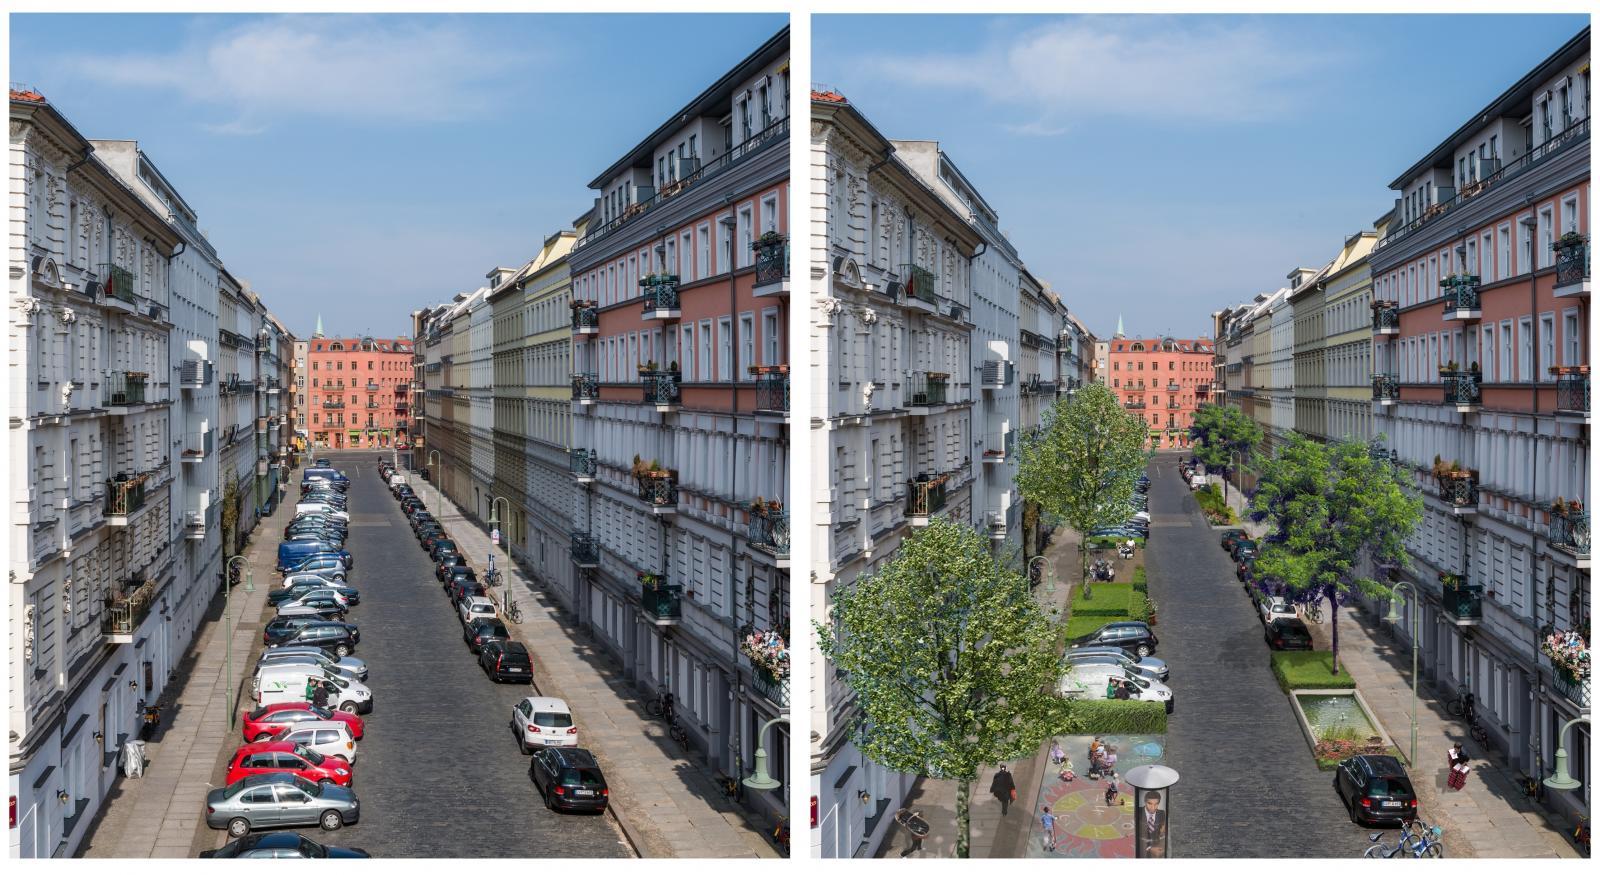 CarSharing sorgt für mehr Platz auf den Straßen (Bild: bcs)